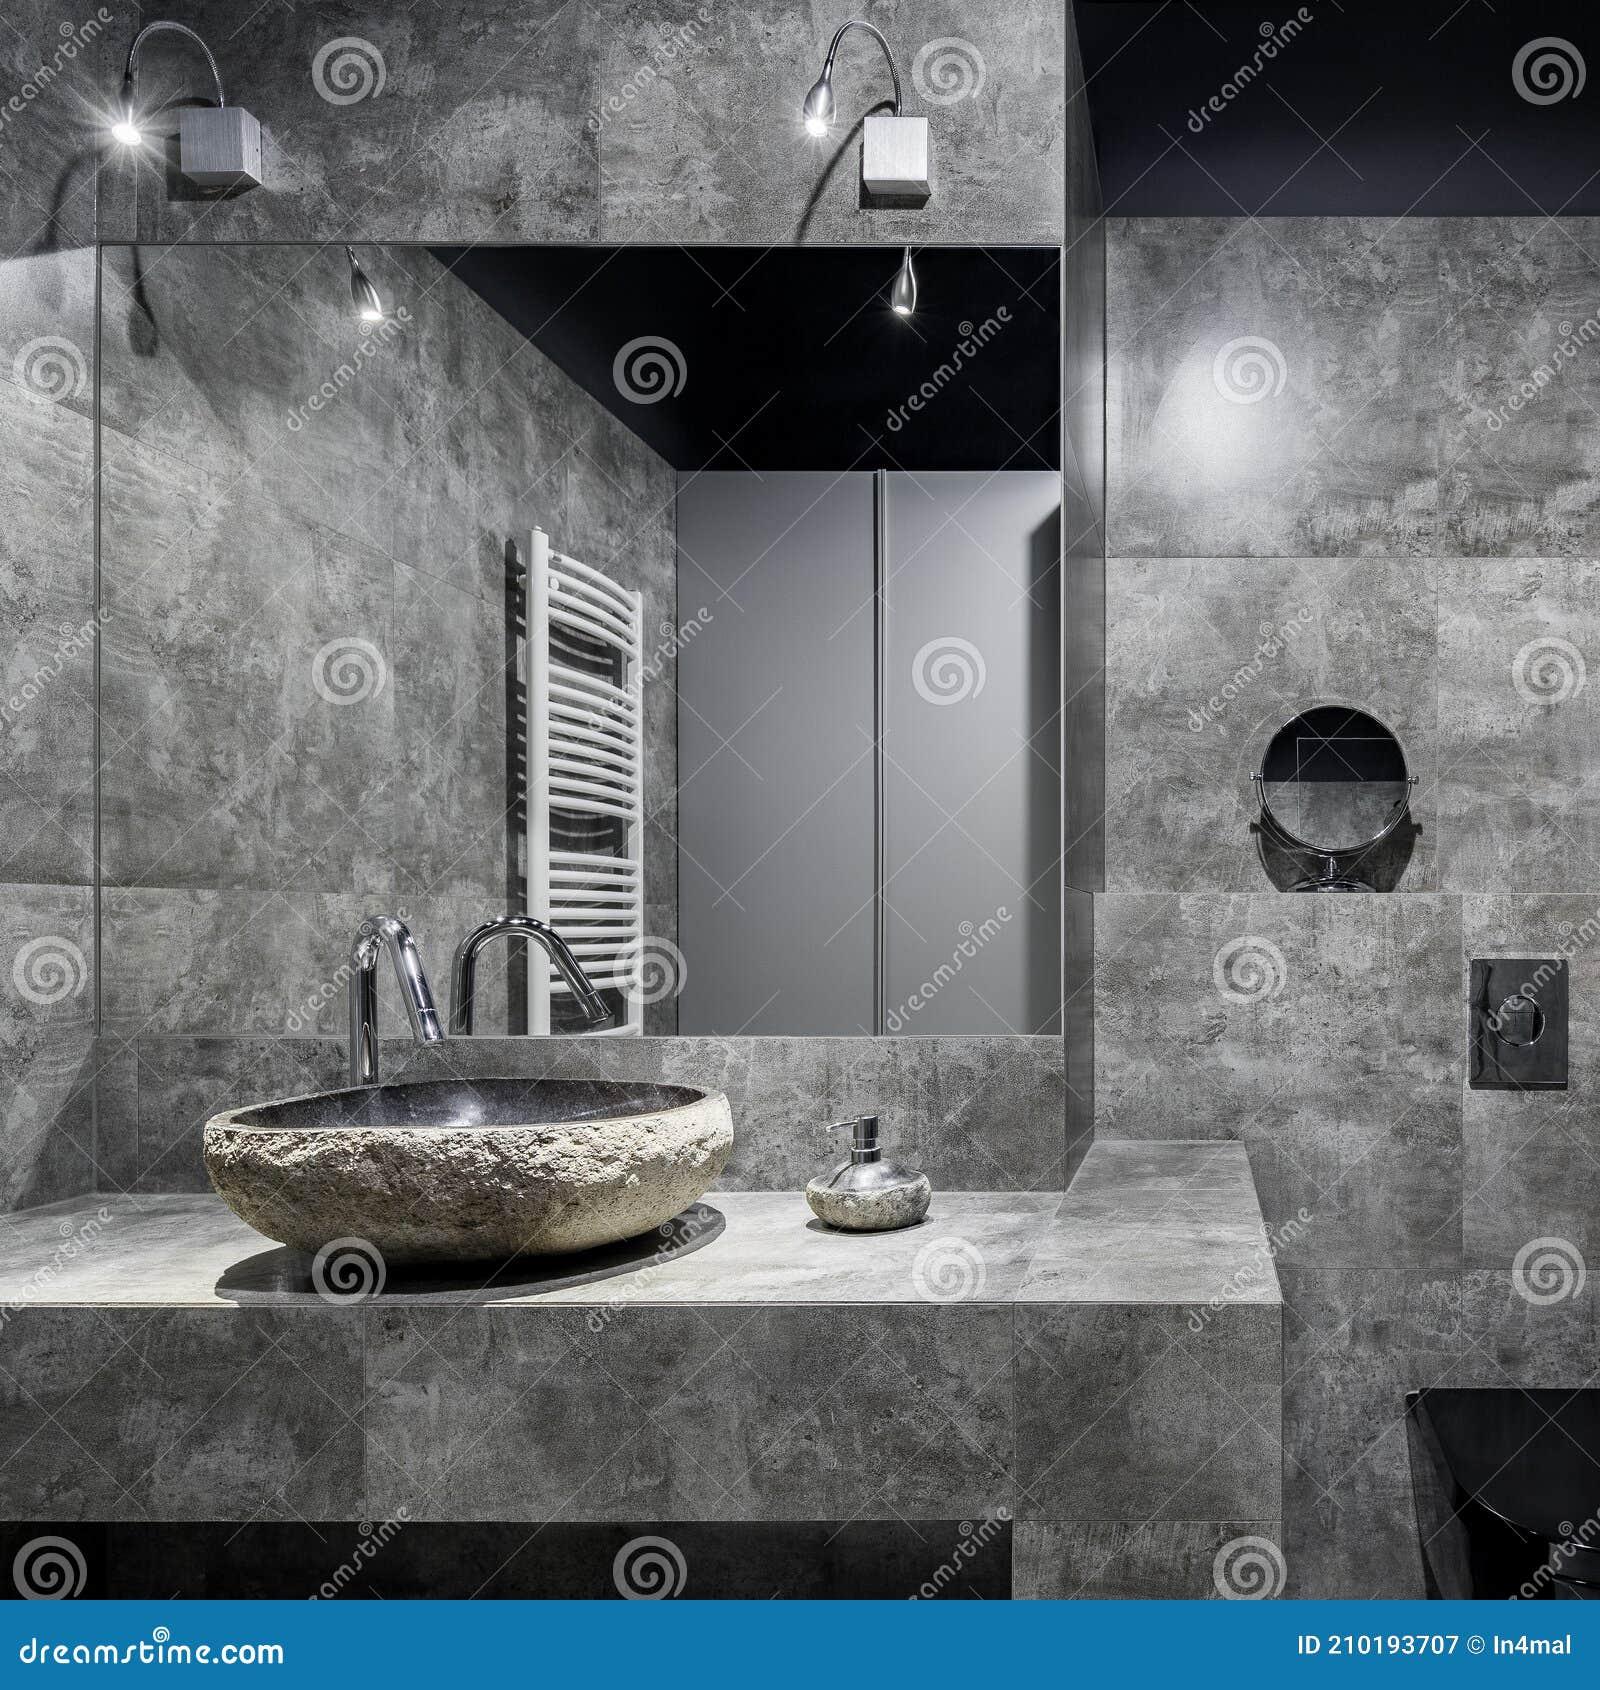 Dunkles Badezimmer Mit Grauen Wandfliesen Stockbild   Bild von ...